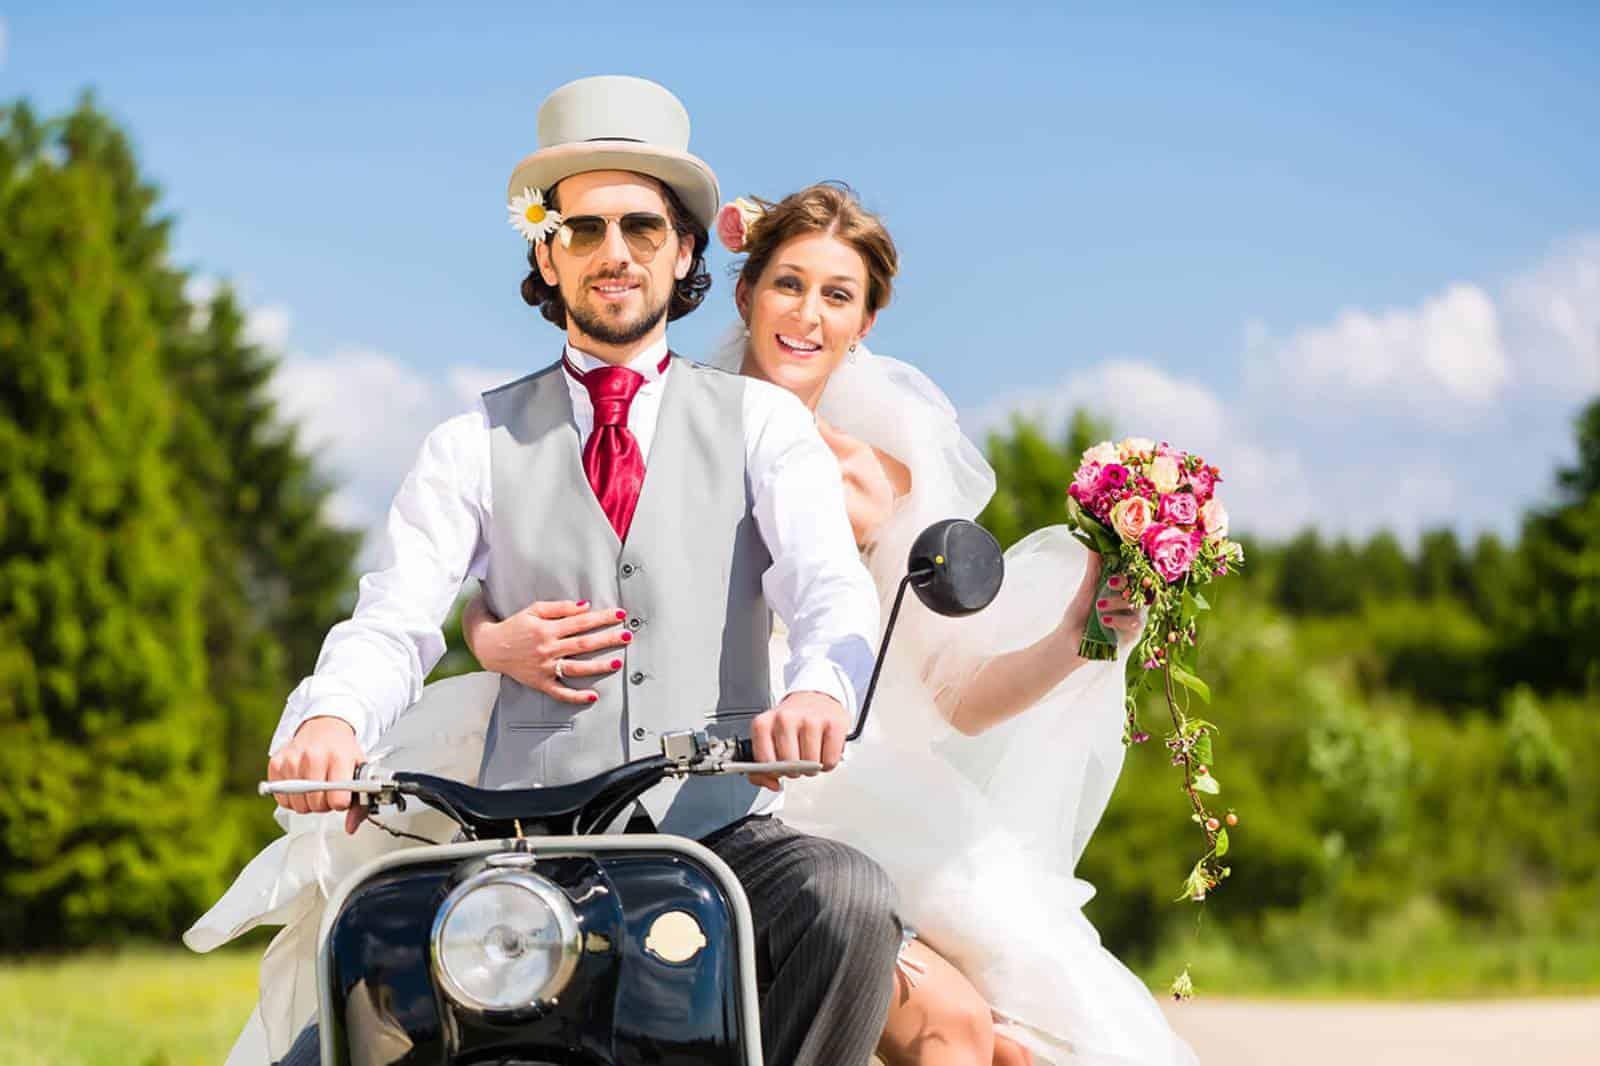 Bräutigam und Braut auf dem Motorrad